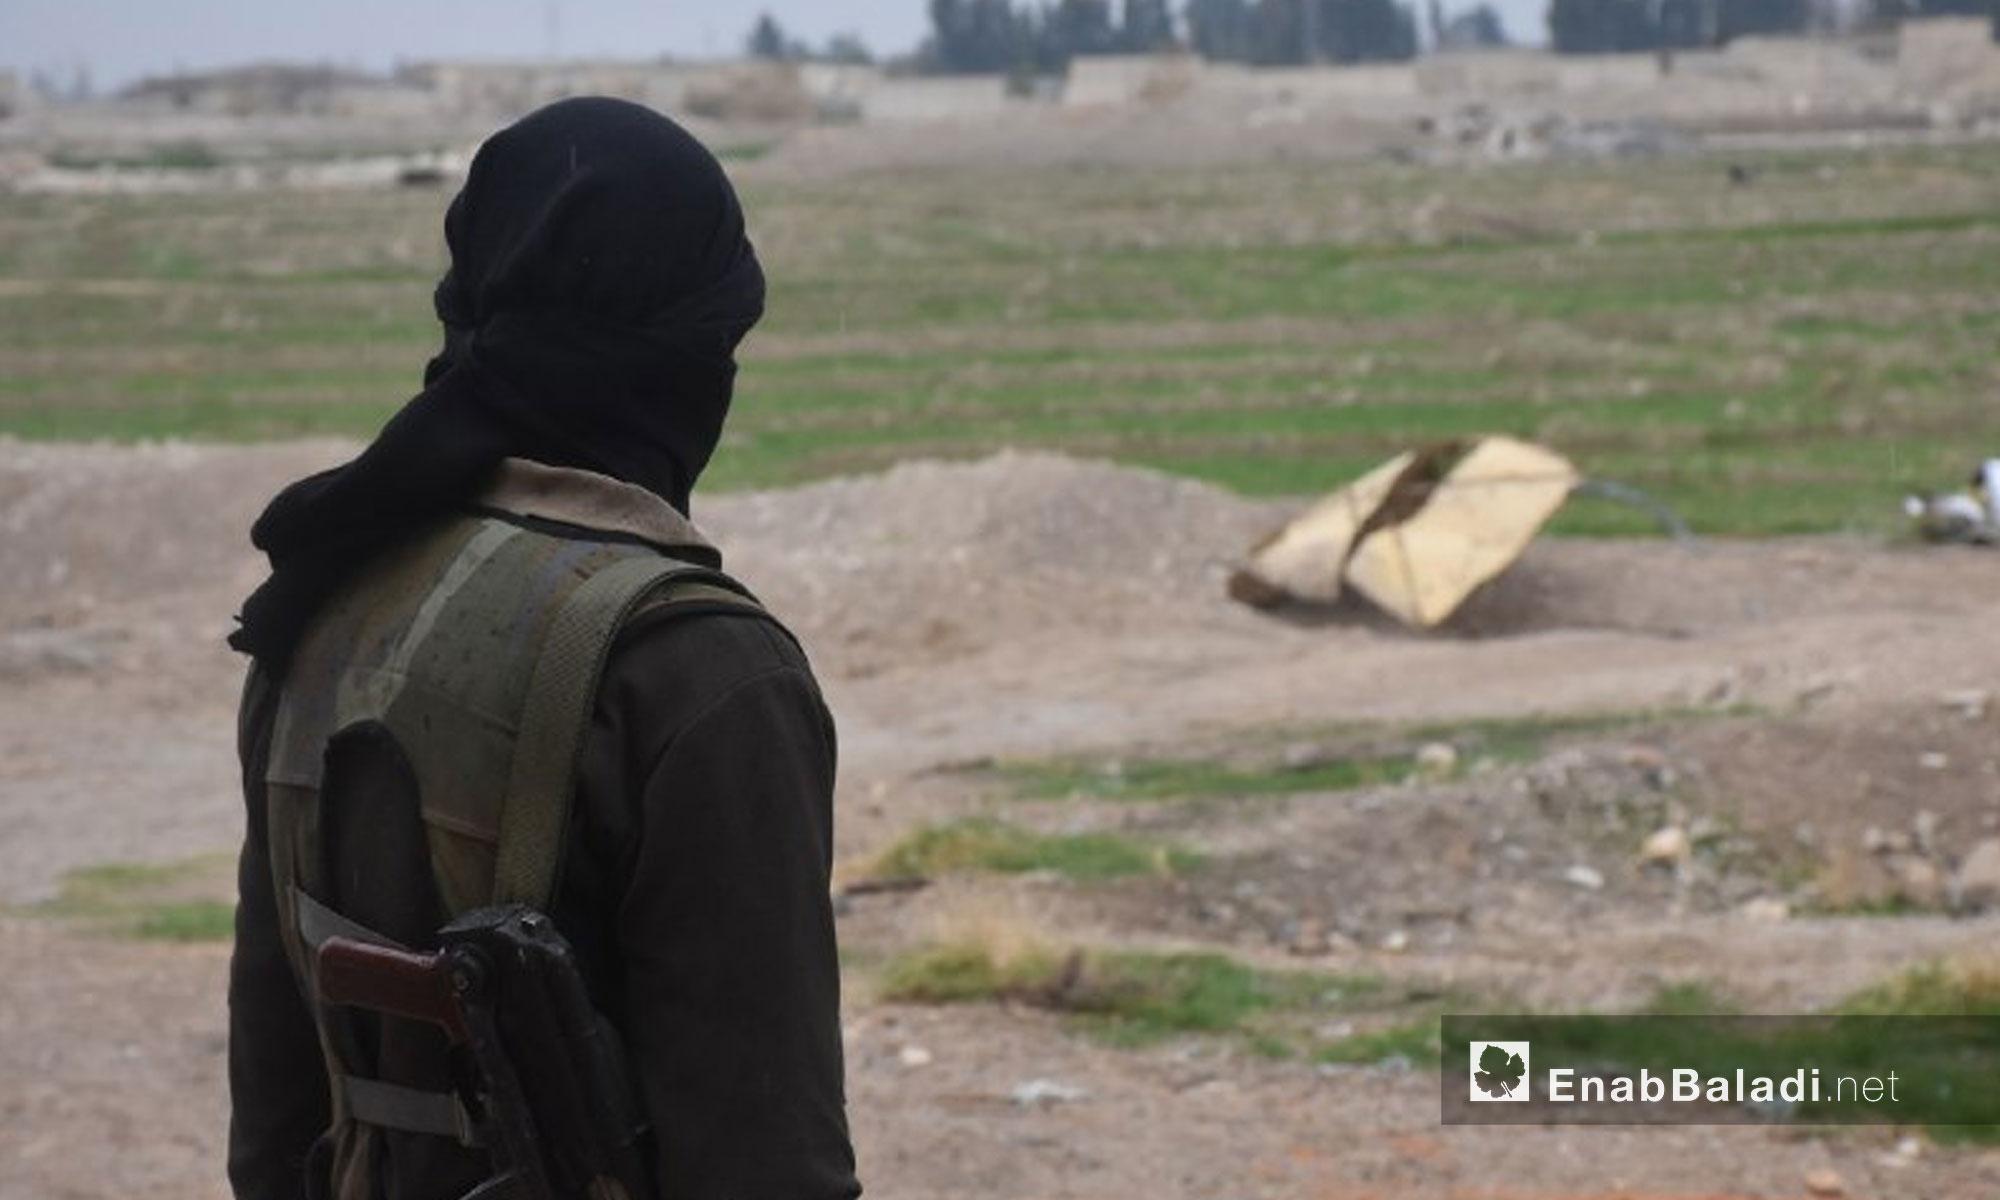 عنصر من جيش الإسلام في بلدة حوش الضواهرة بالغوطة الشرقية - 13 شباط 2018 (عنب بلدي)